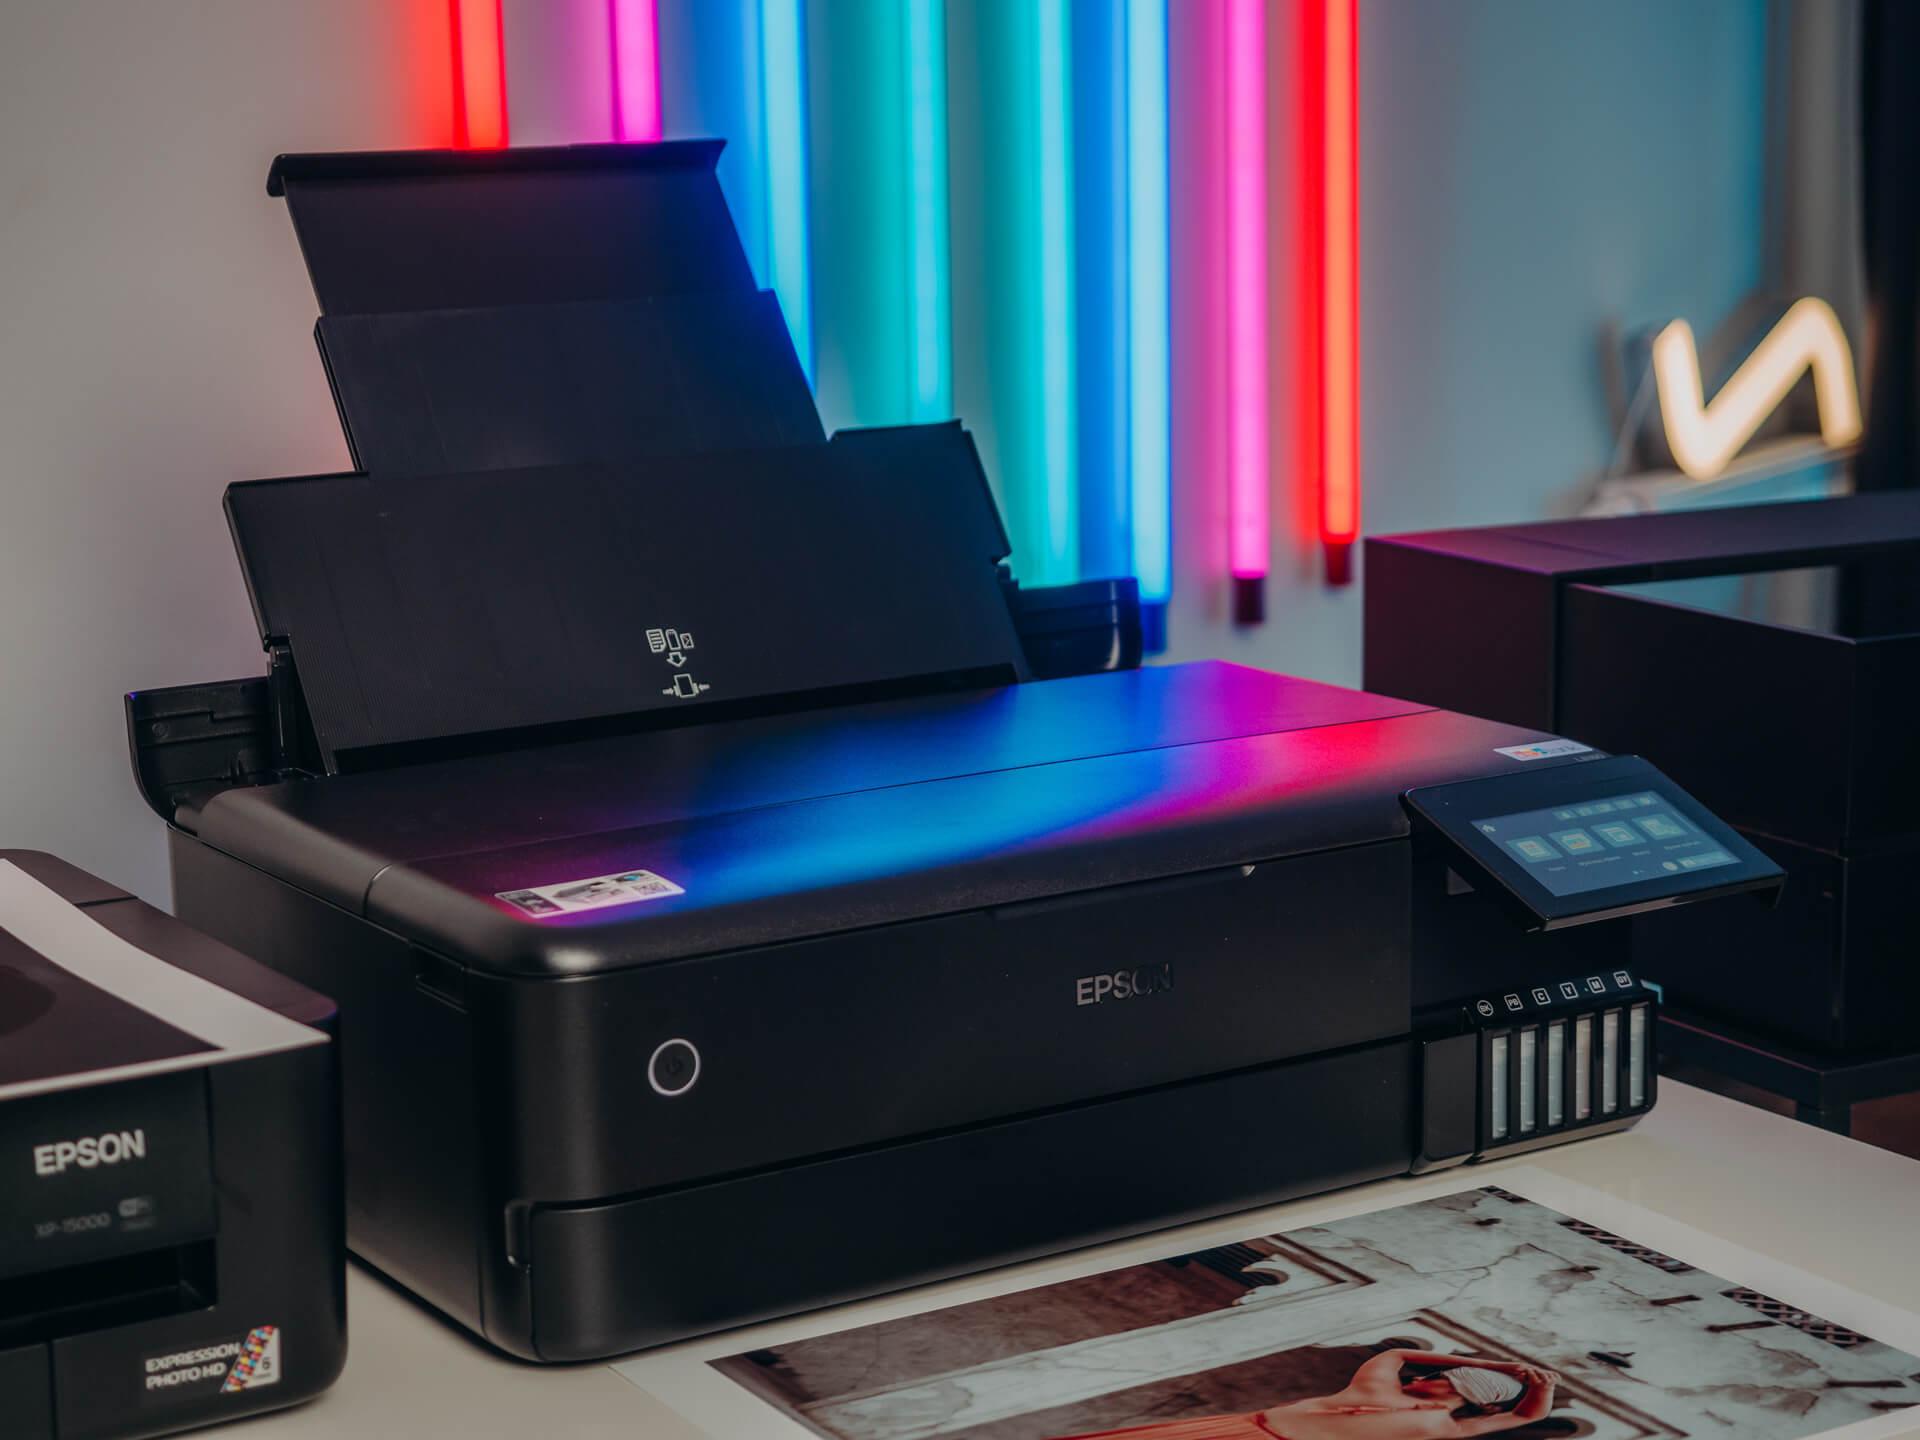 Epson EcoTank L8180 to bardzo nowoczesna drukarka naszpikowana technologiami. Wyróżnia ją minimalistyczny design zwieńczony duży, kolorowym, dotykowym ekranem.